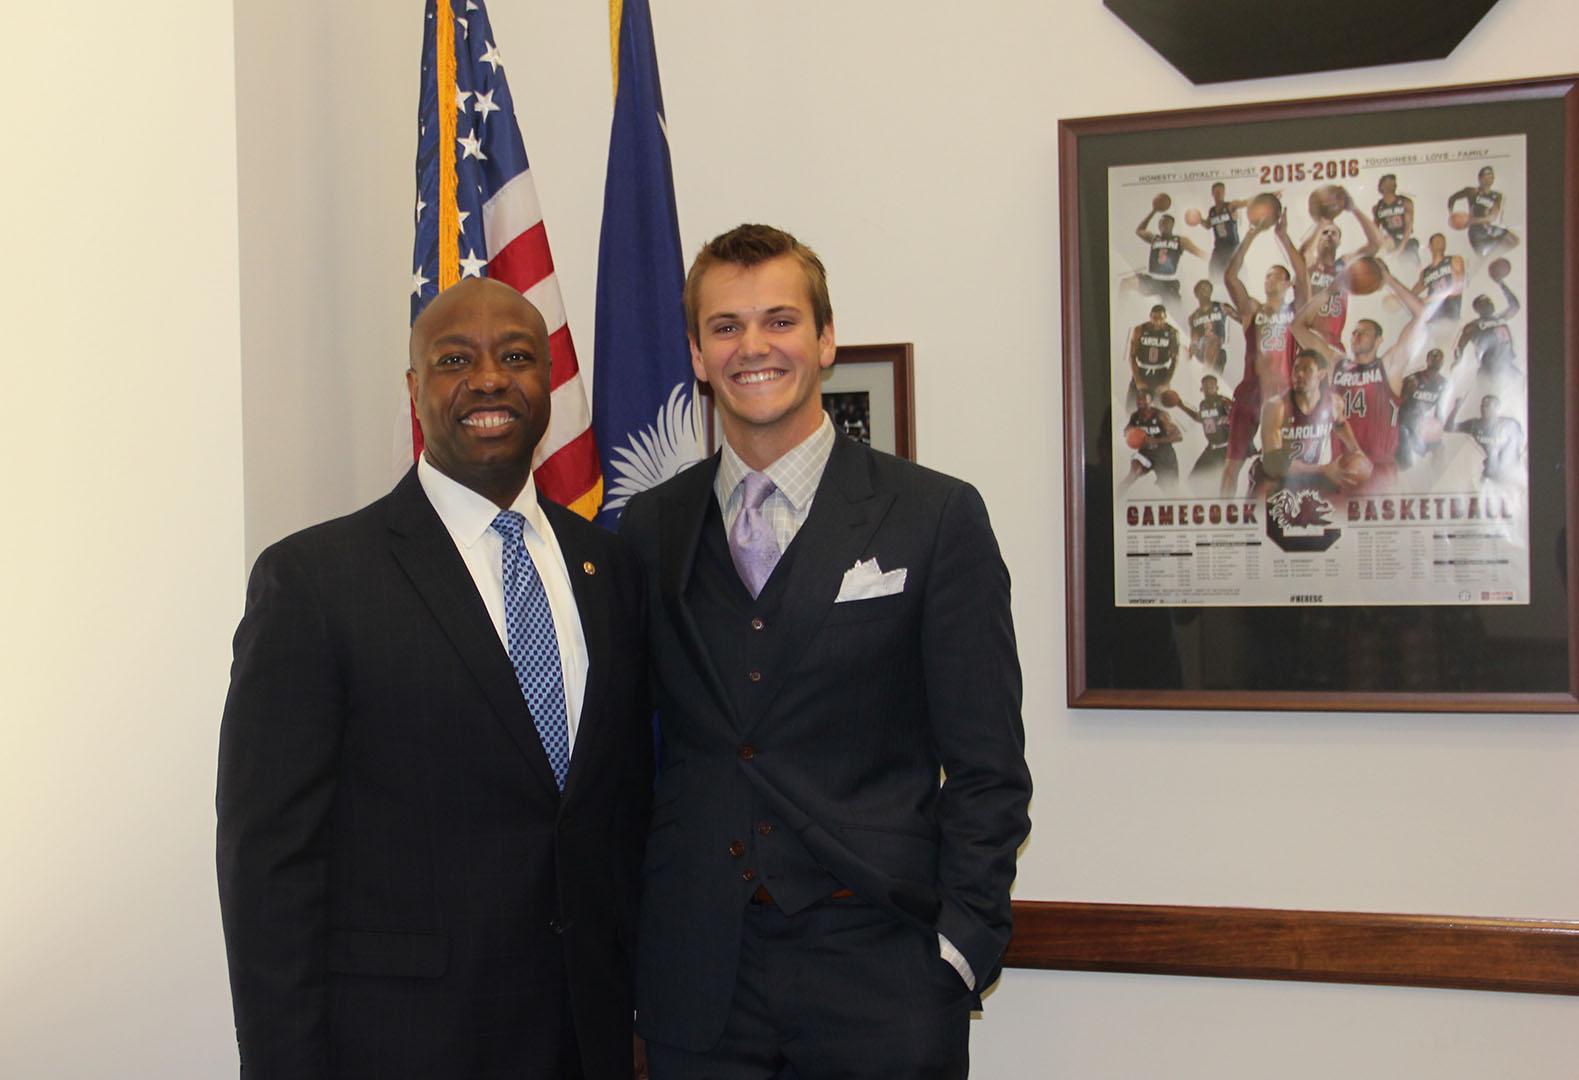 Clark Hickerson with Sen. Tim Scott (R-SC)